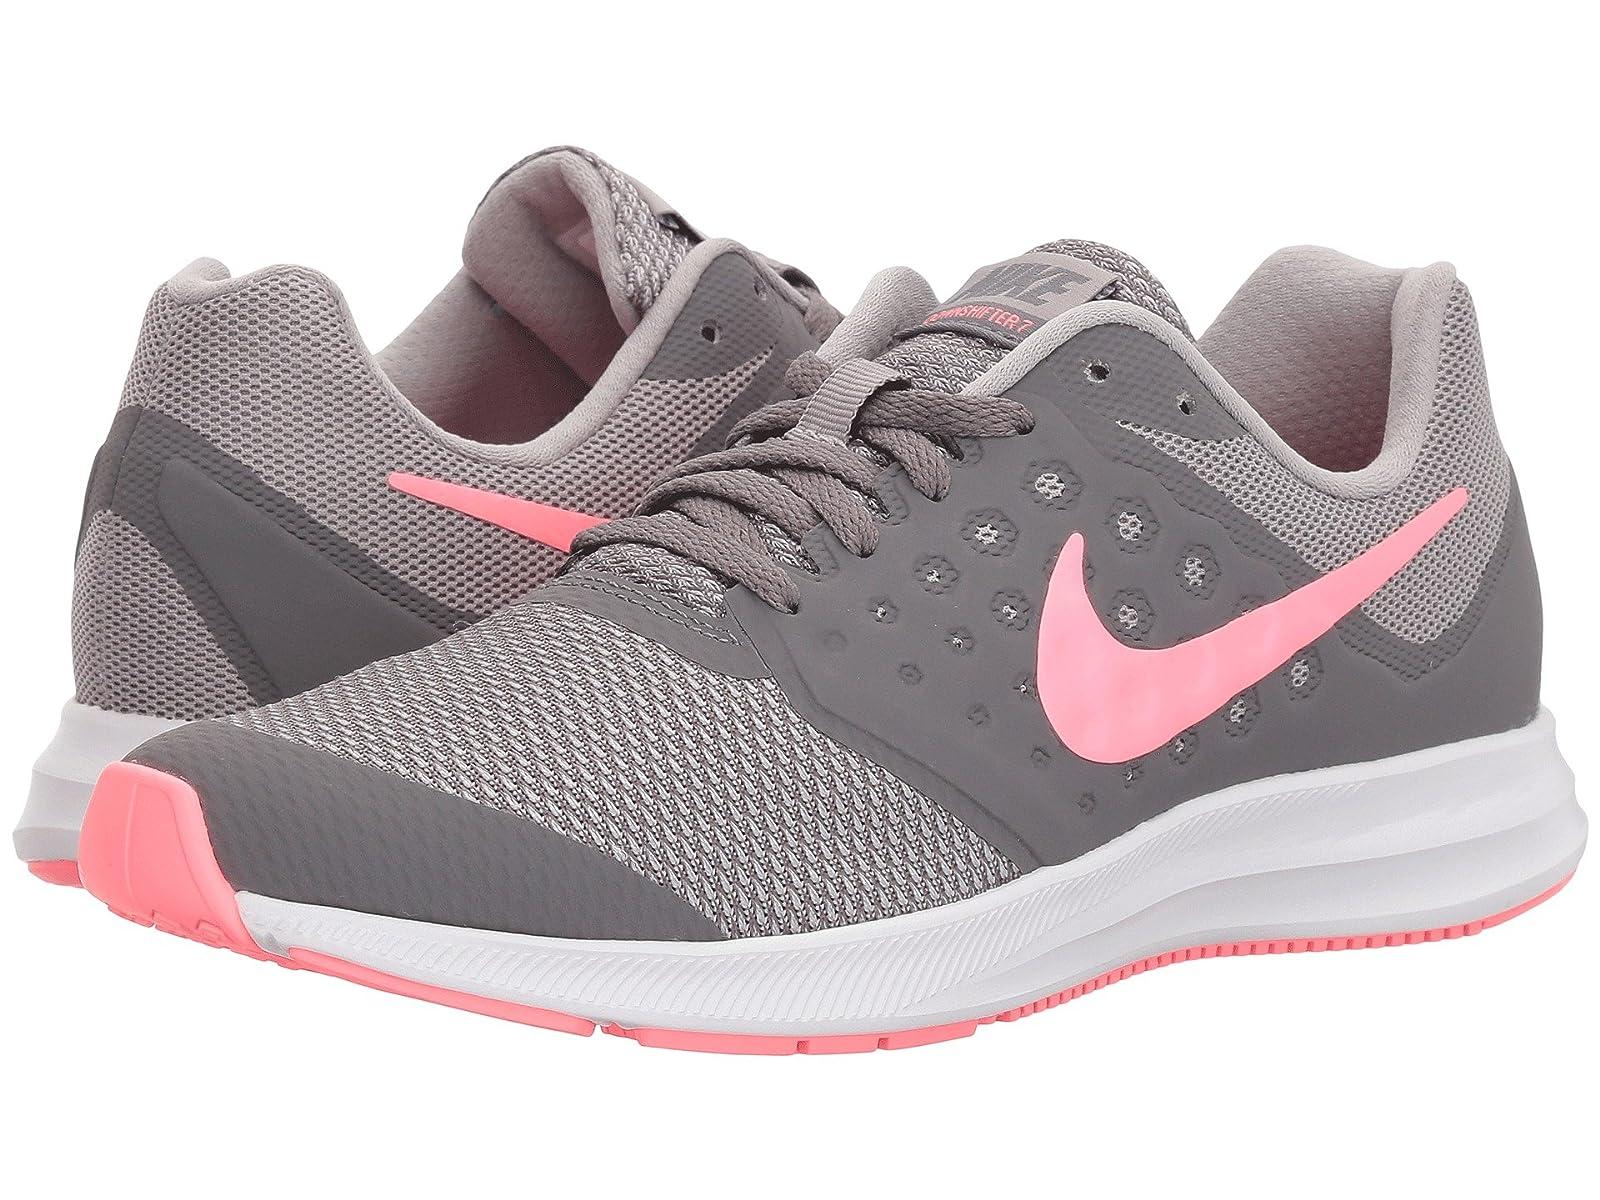 Nike Kids Downshifter 7 (Big Kid)Atmospheric grades have affordable shoes